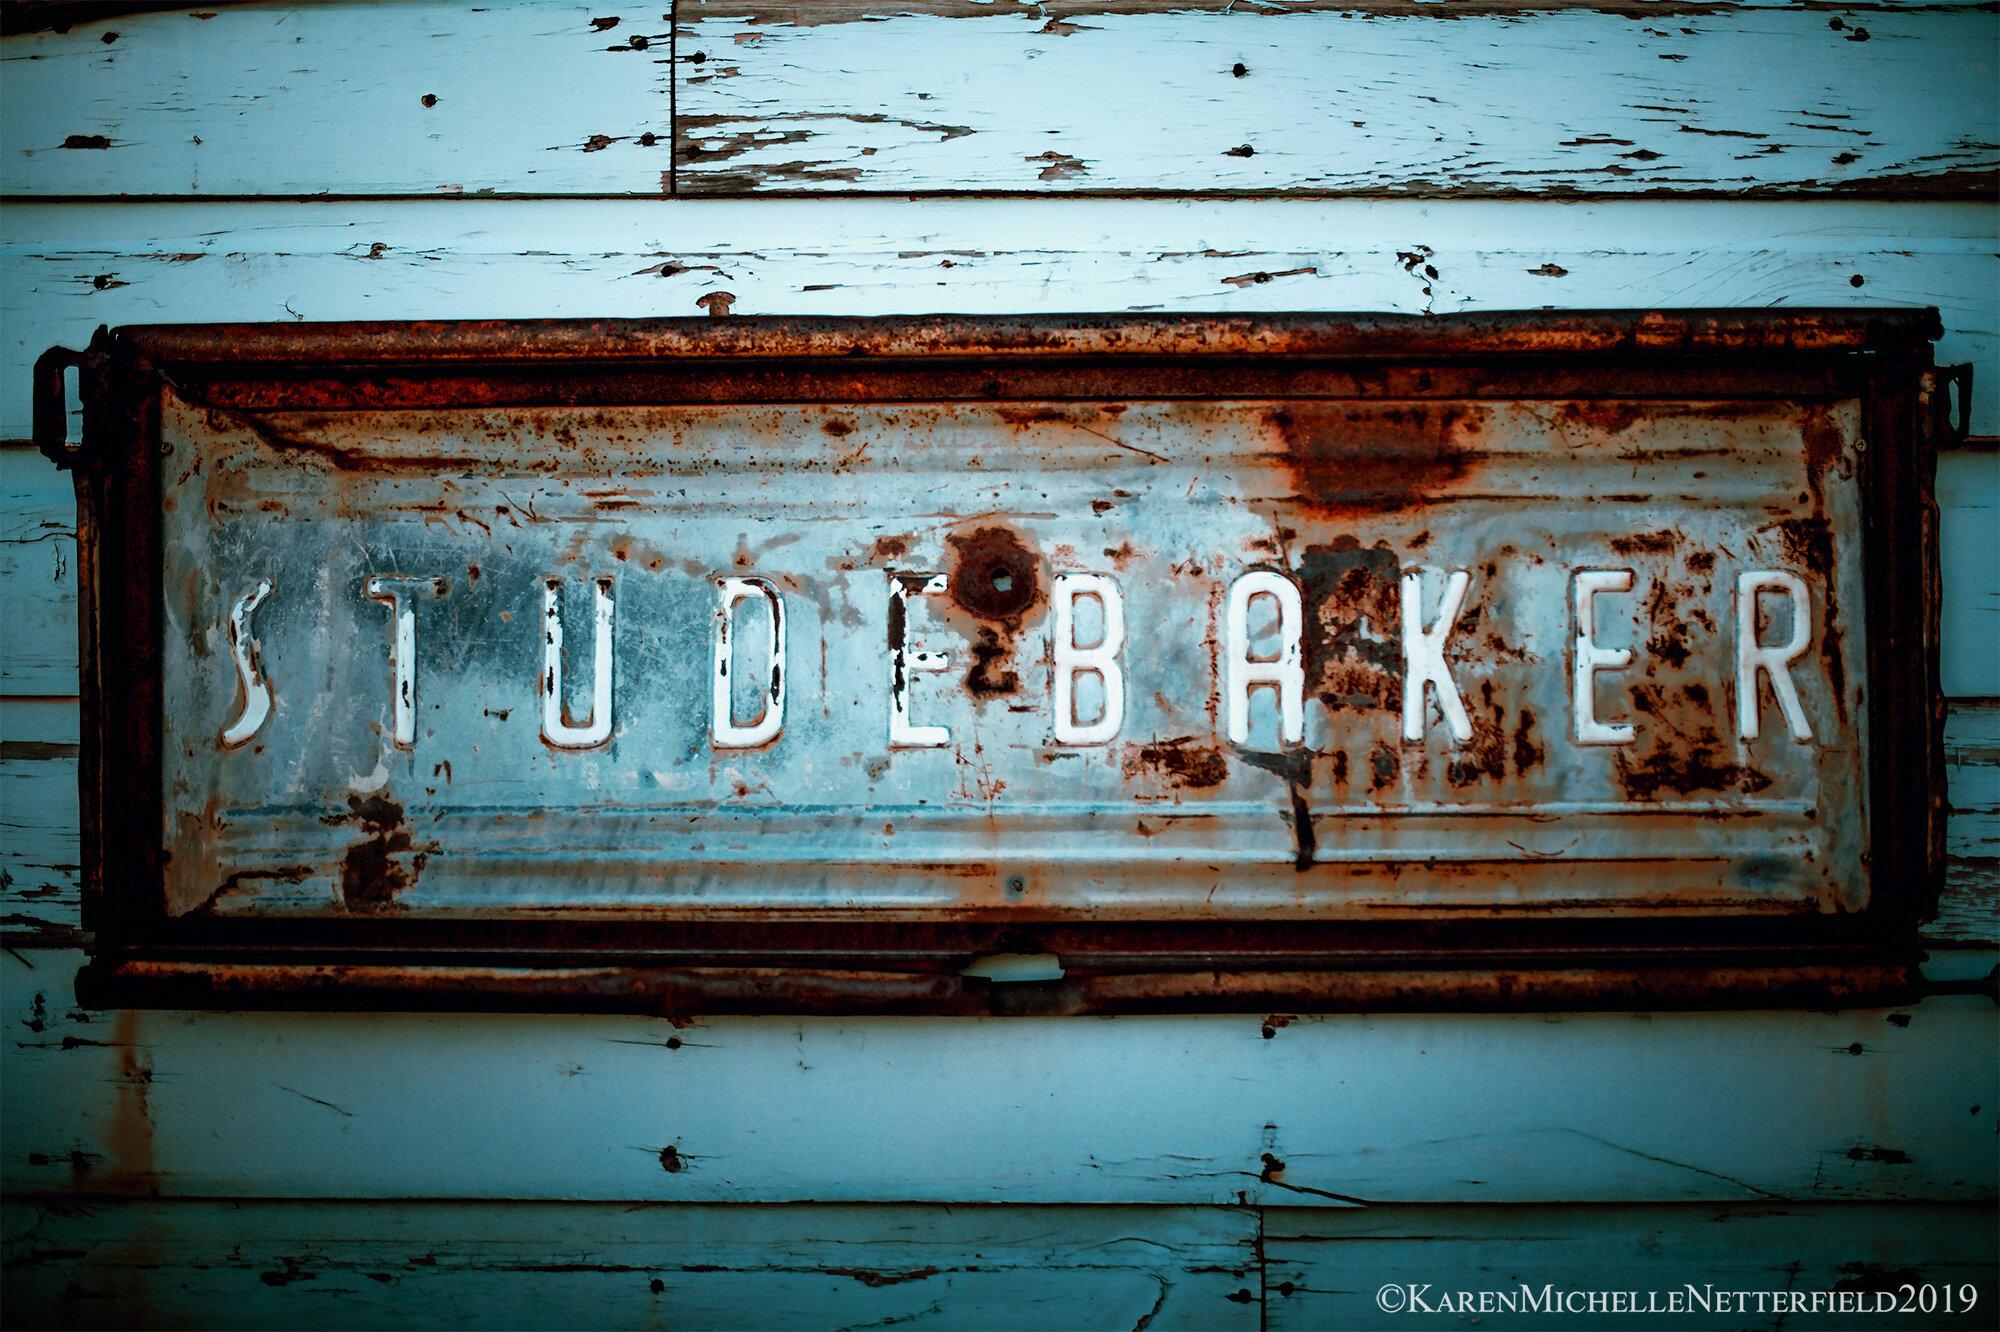 Studebaker©KarenMichelleNetterfield2019.jpg